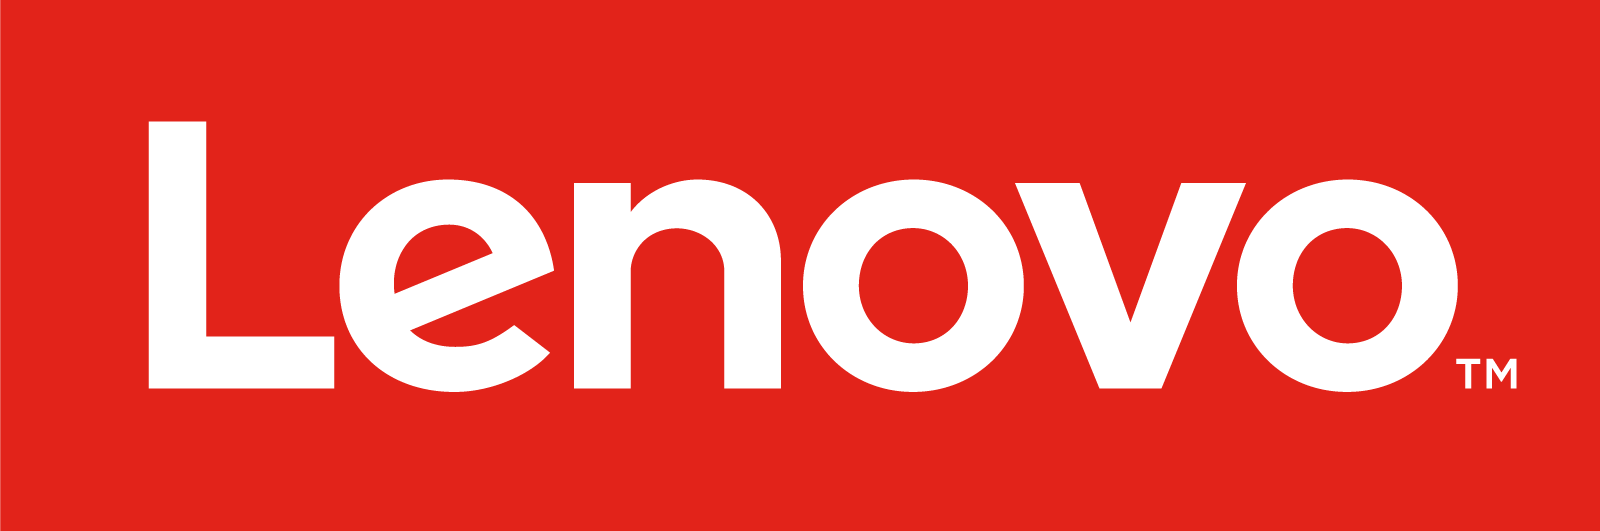 LENOVO-COM